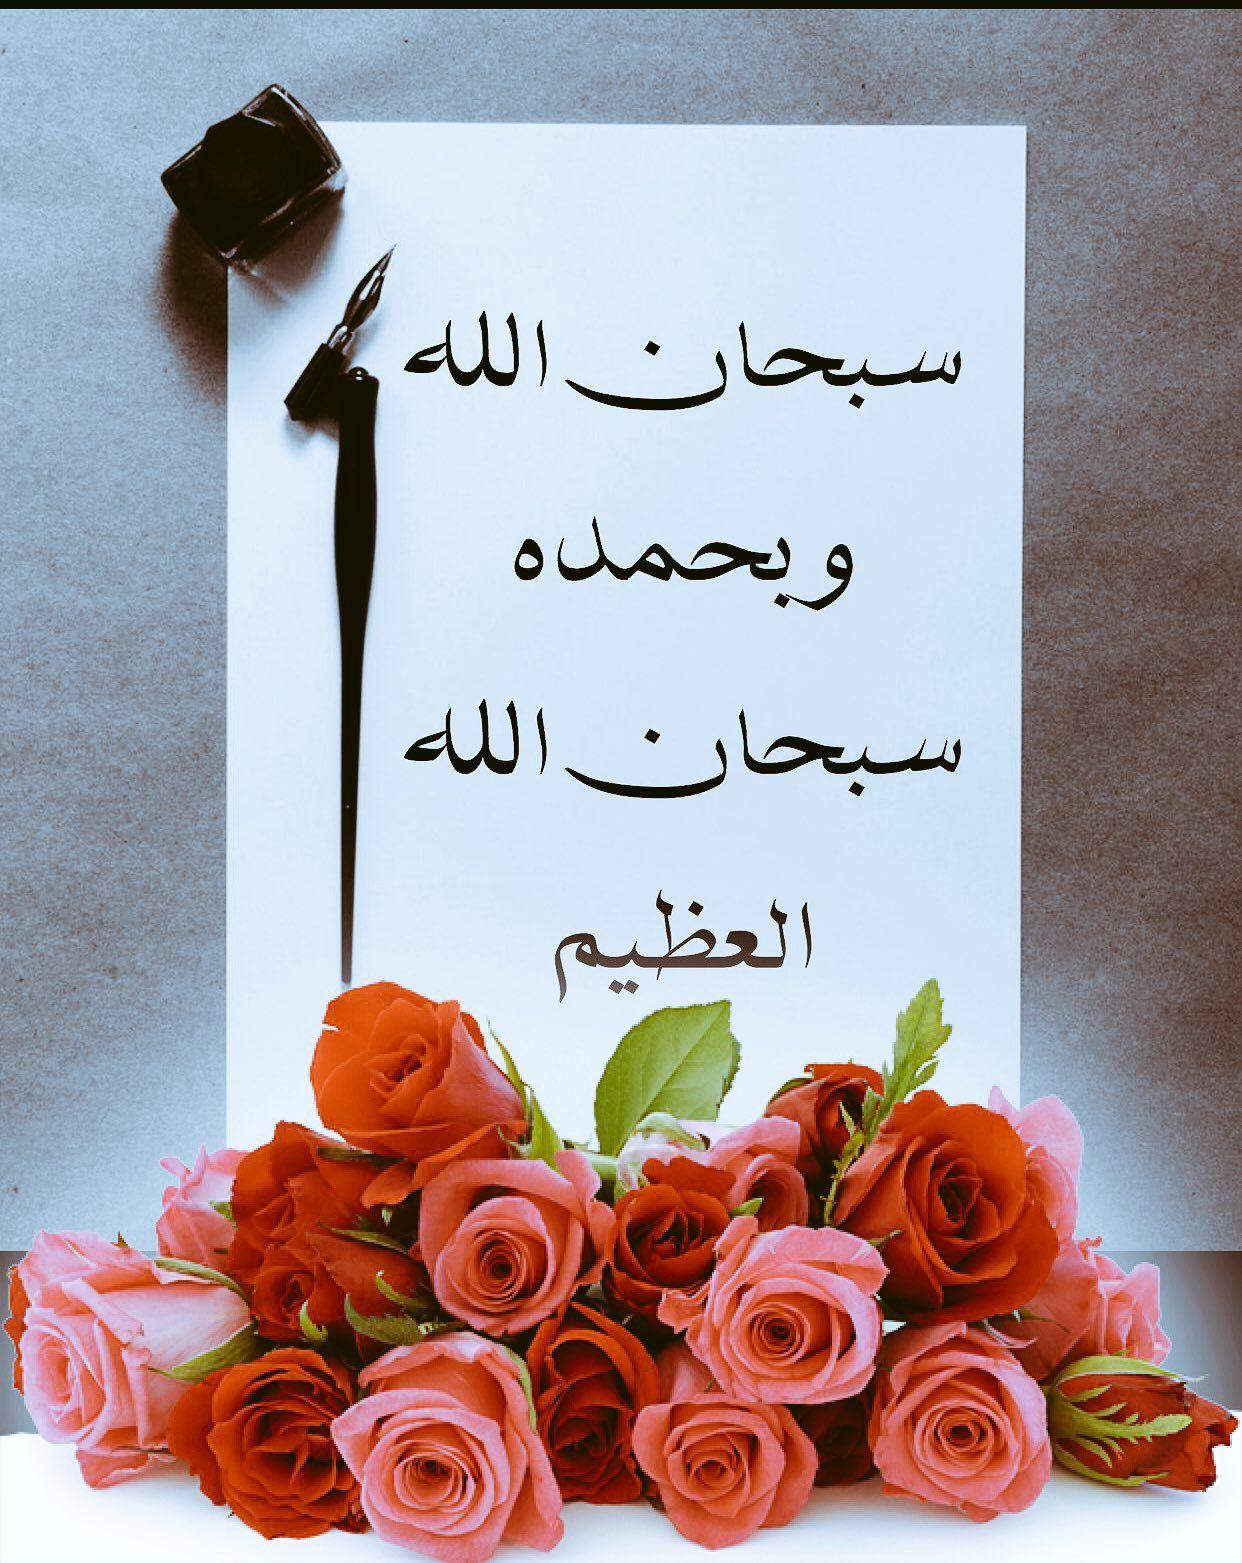 سبحان الله وبحمده سبحان الله العظيم Islamic Wallpaper Doa Islam Islam